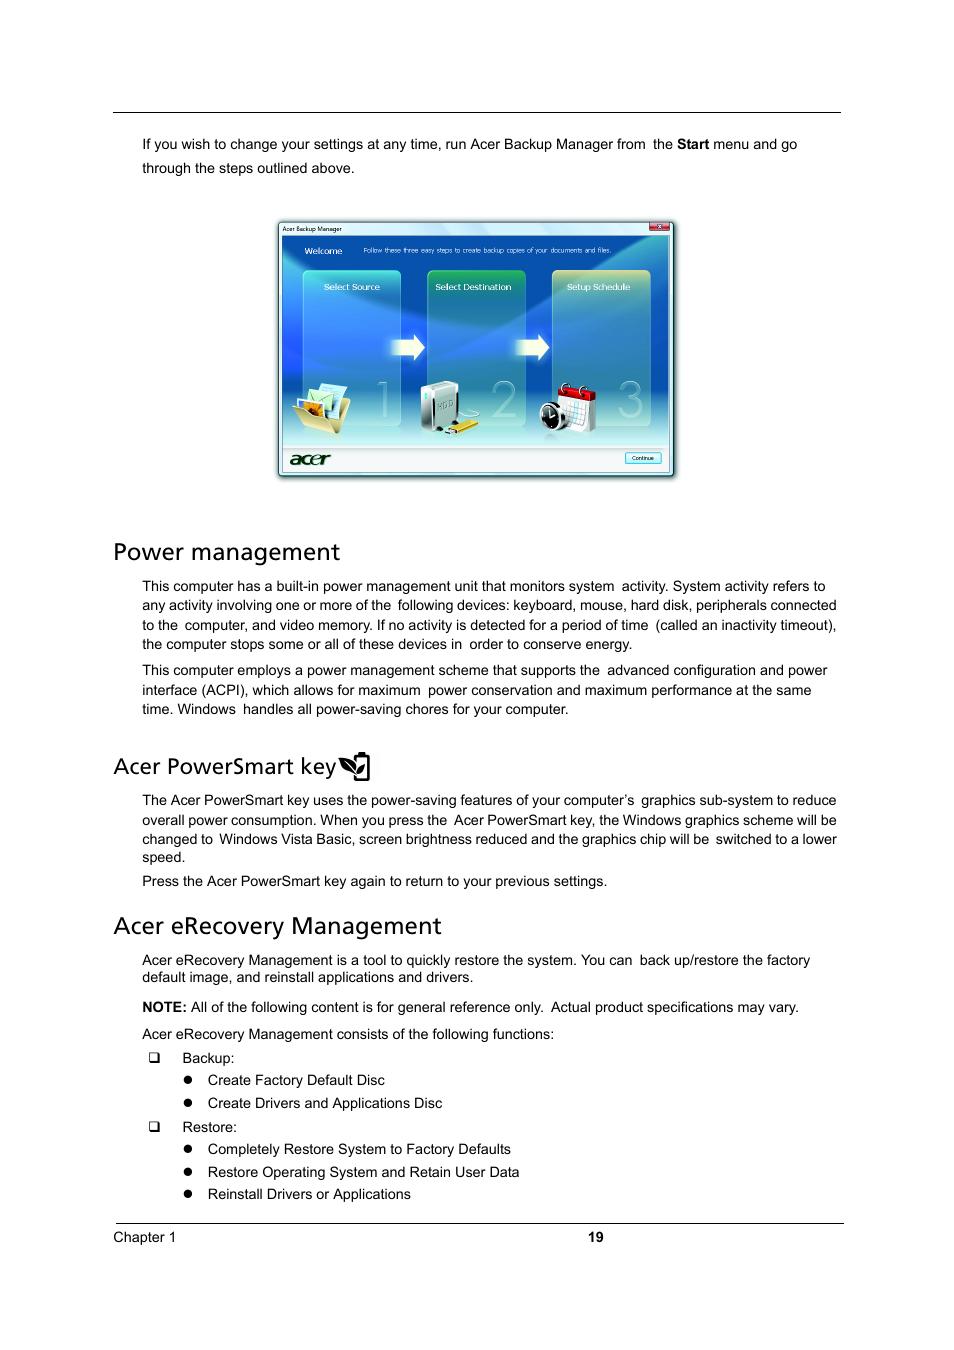 power management acer erecovery management acer powersmart key rh manualsdir com